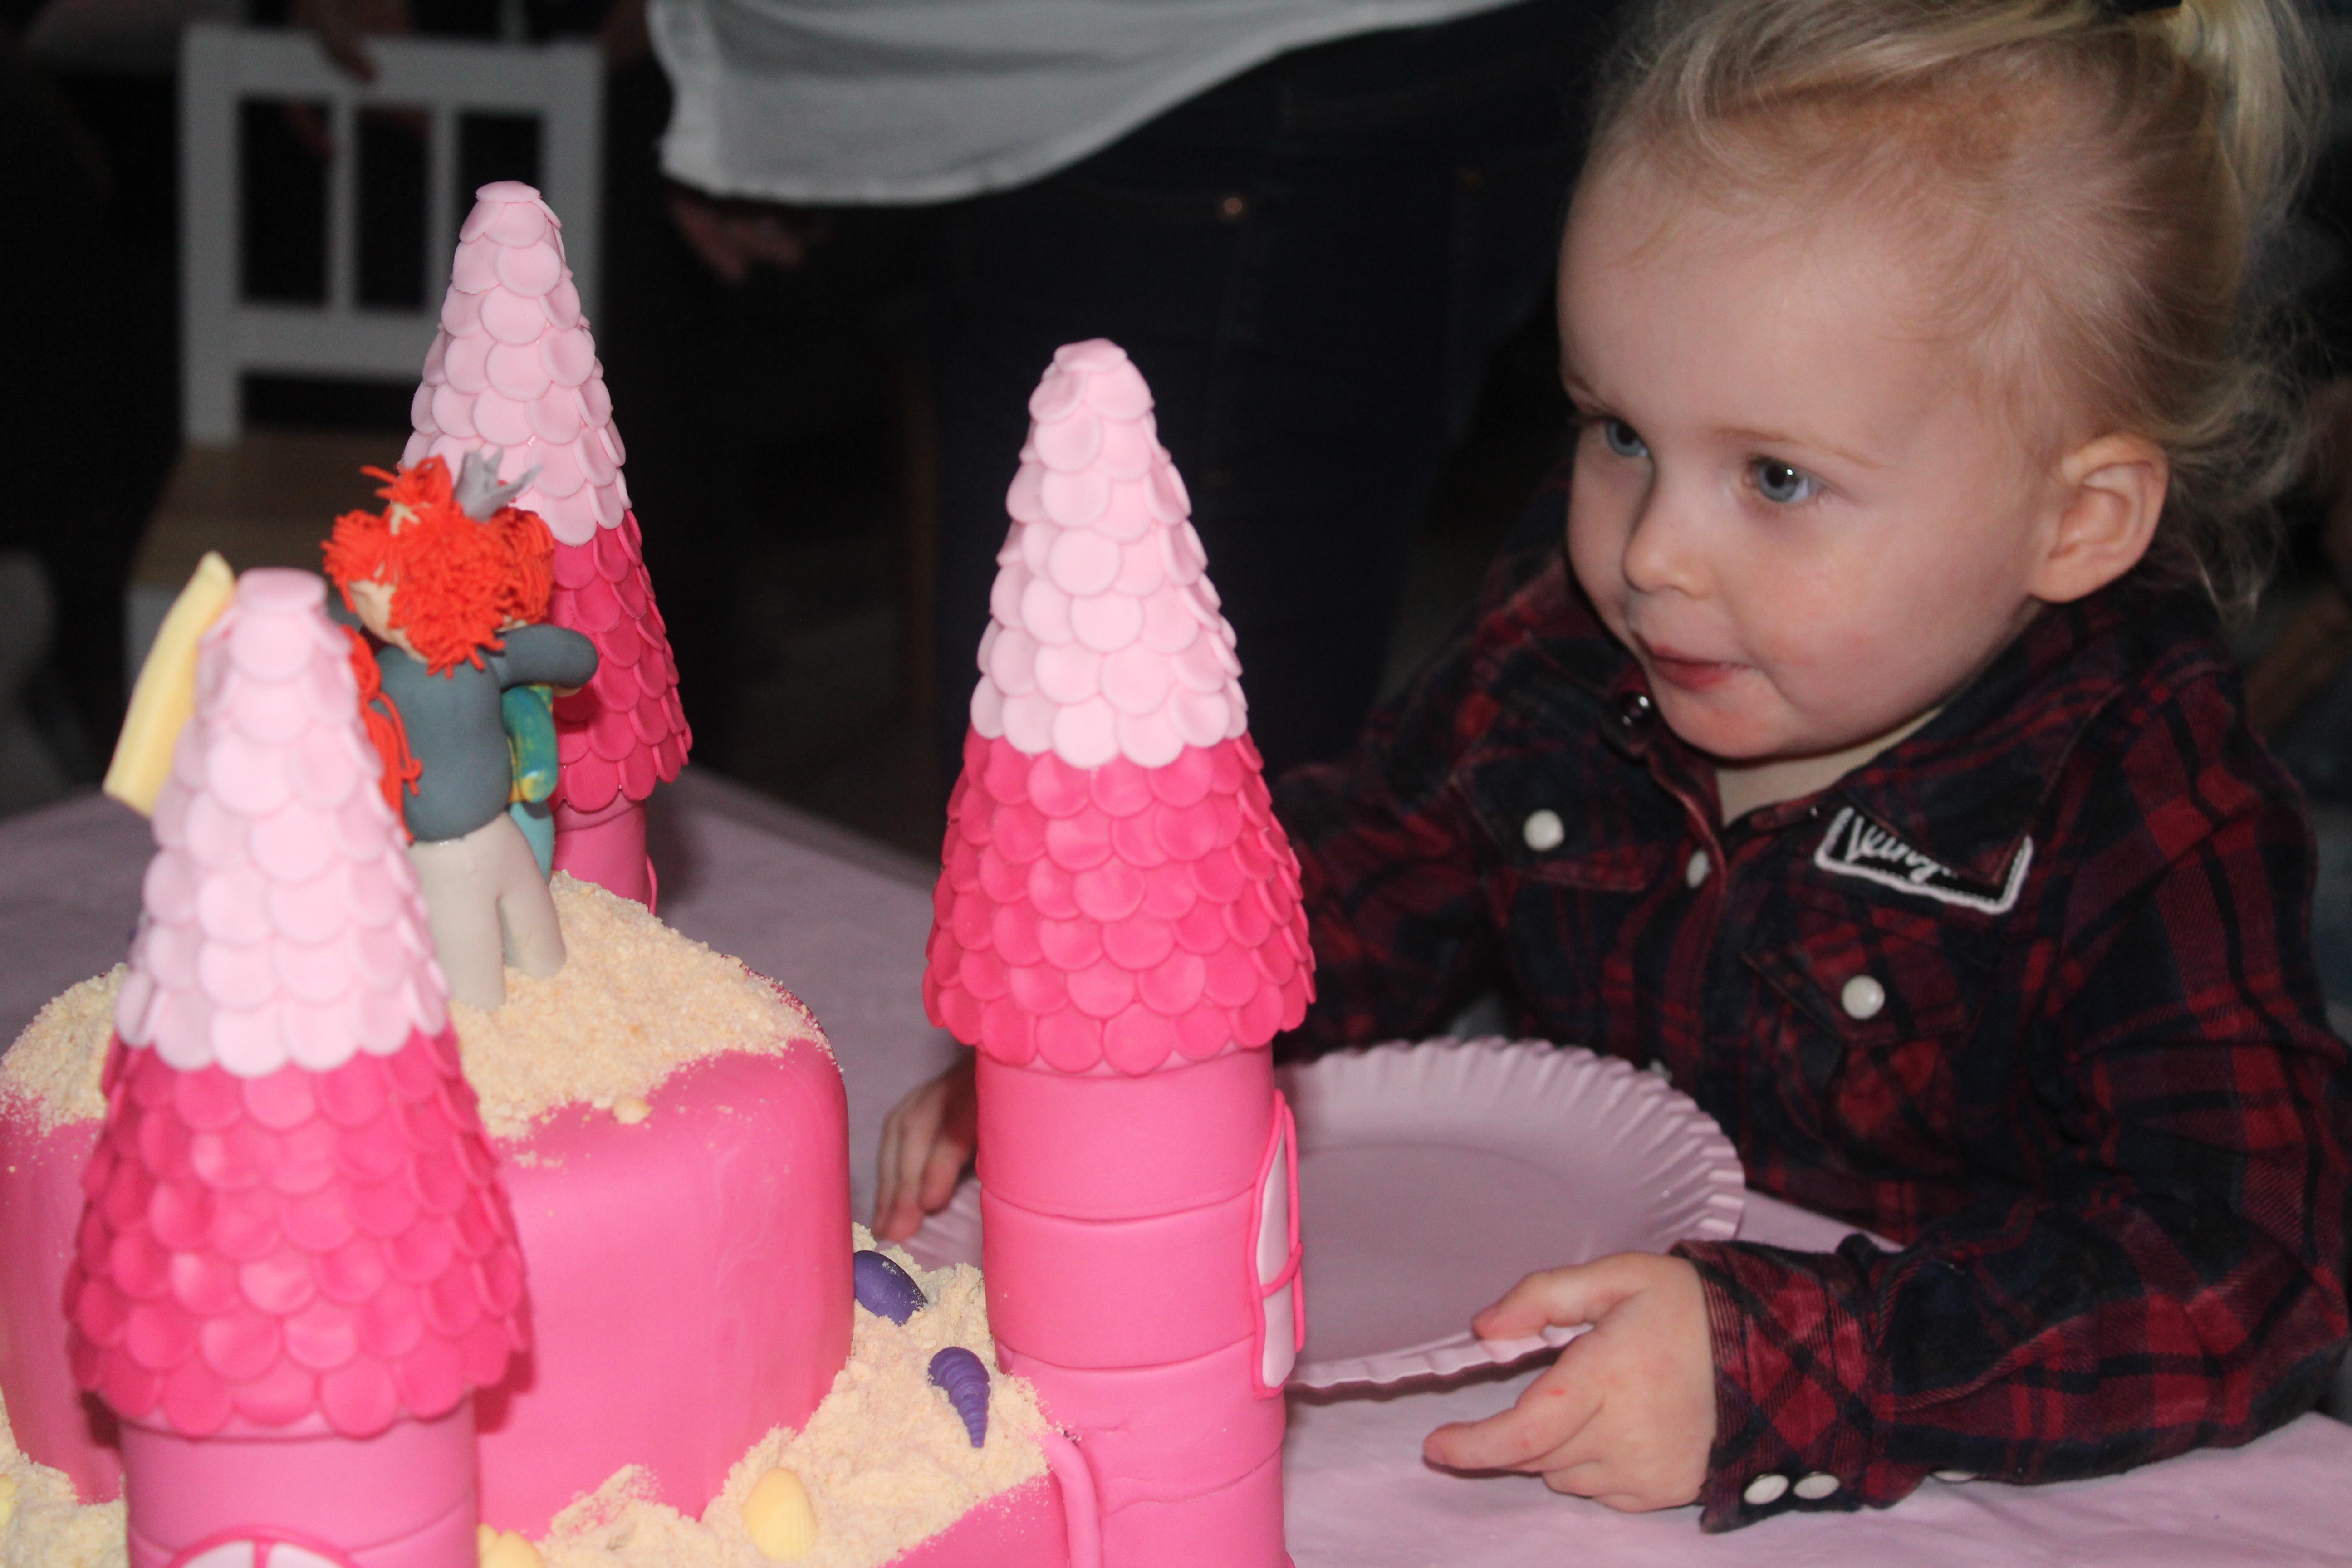 12-16-taart-zandkasteel-nola-2-jaar-verjaardag-verjaardagstaart-baby-meisje-kind-roze-thema-zand-dag-bestellen-balonnen-helium-nanny-moeder-amsterdam-diemen-eten